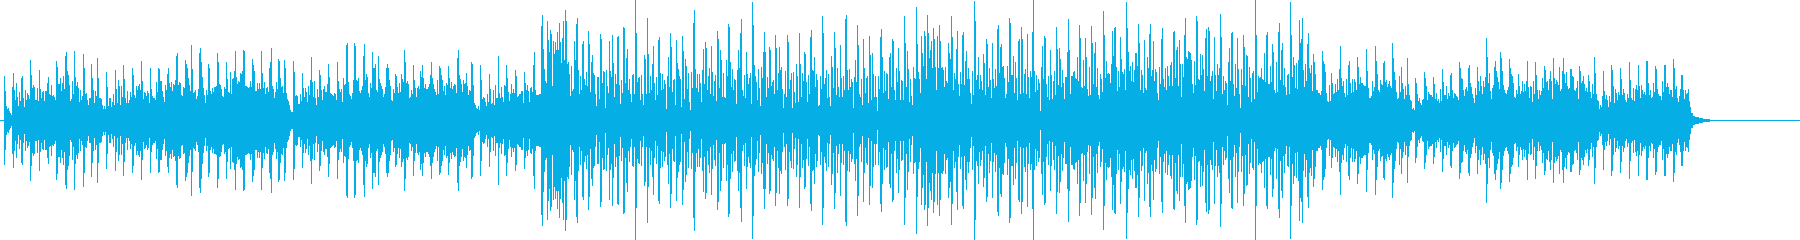 徐々に高揚する洗練されたサウンドのテクノの再生済みの波形